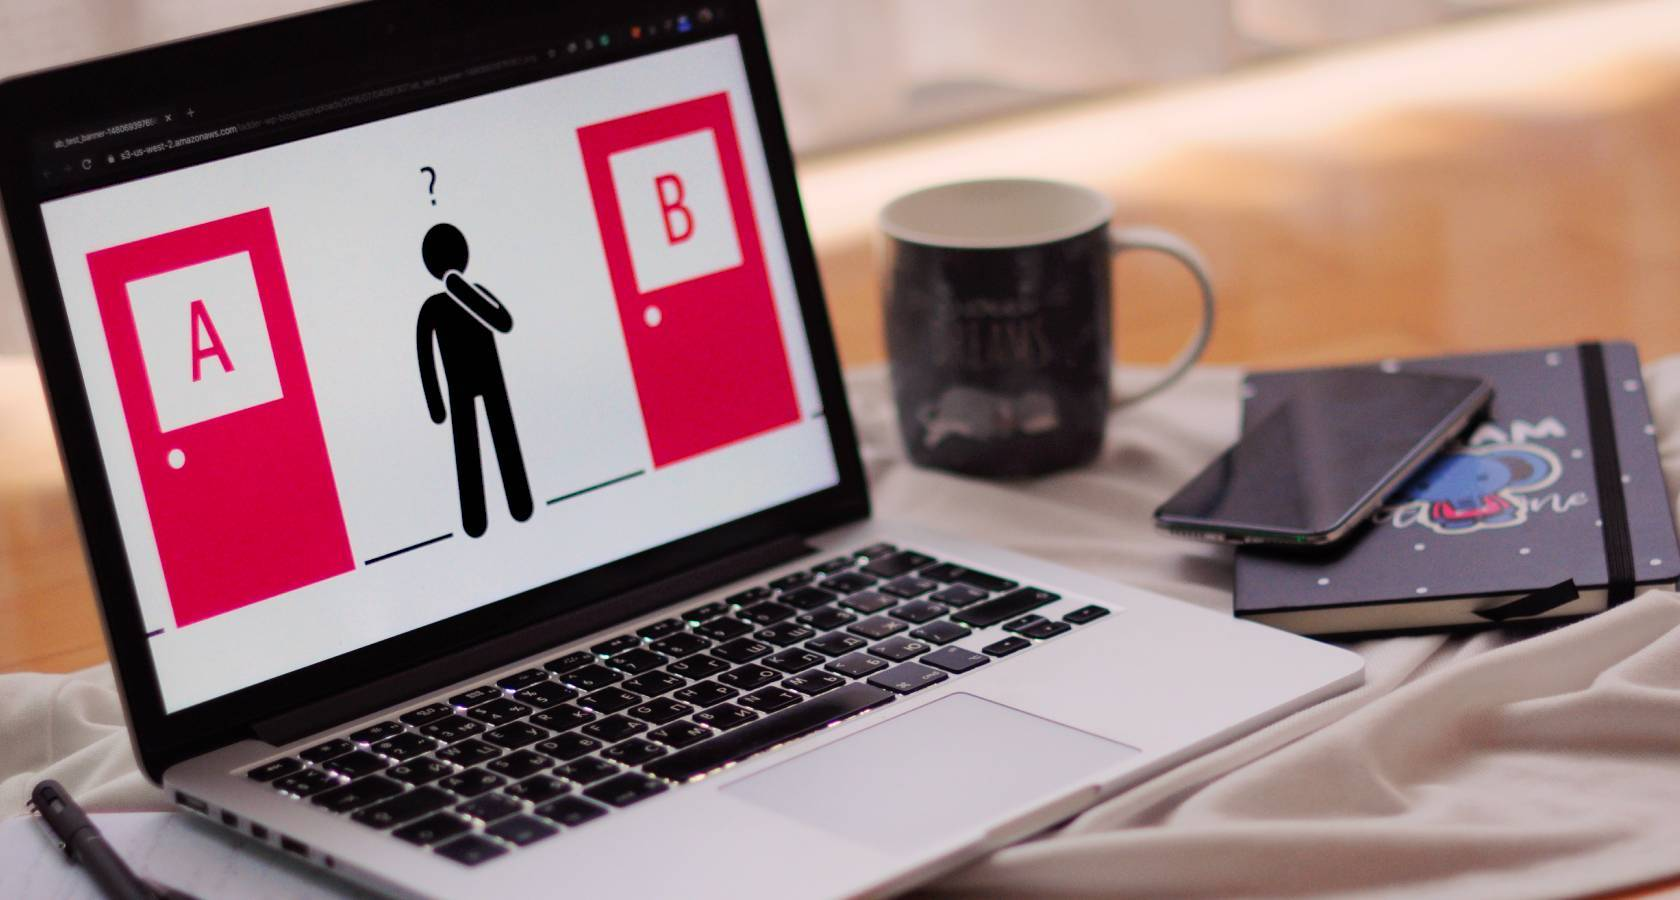 А/Б-тестирование сайта с отложенной покупкой: анализируем всю воронку от входа на сайт до оплаты